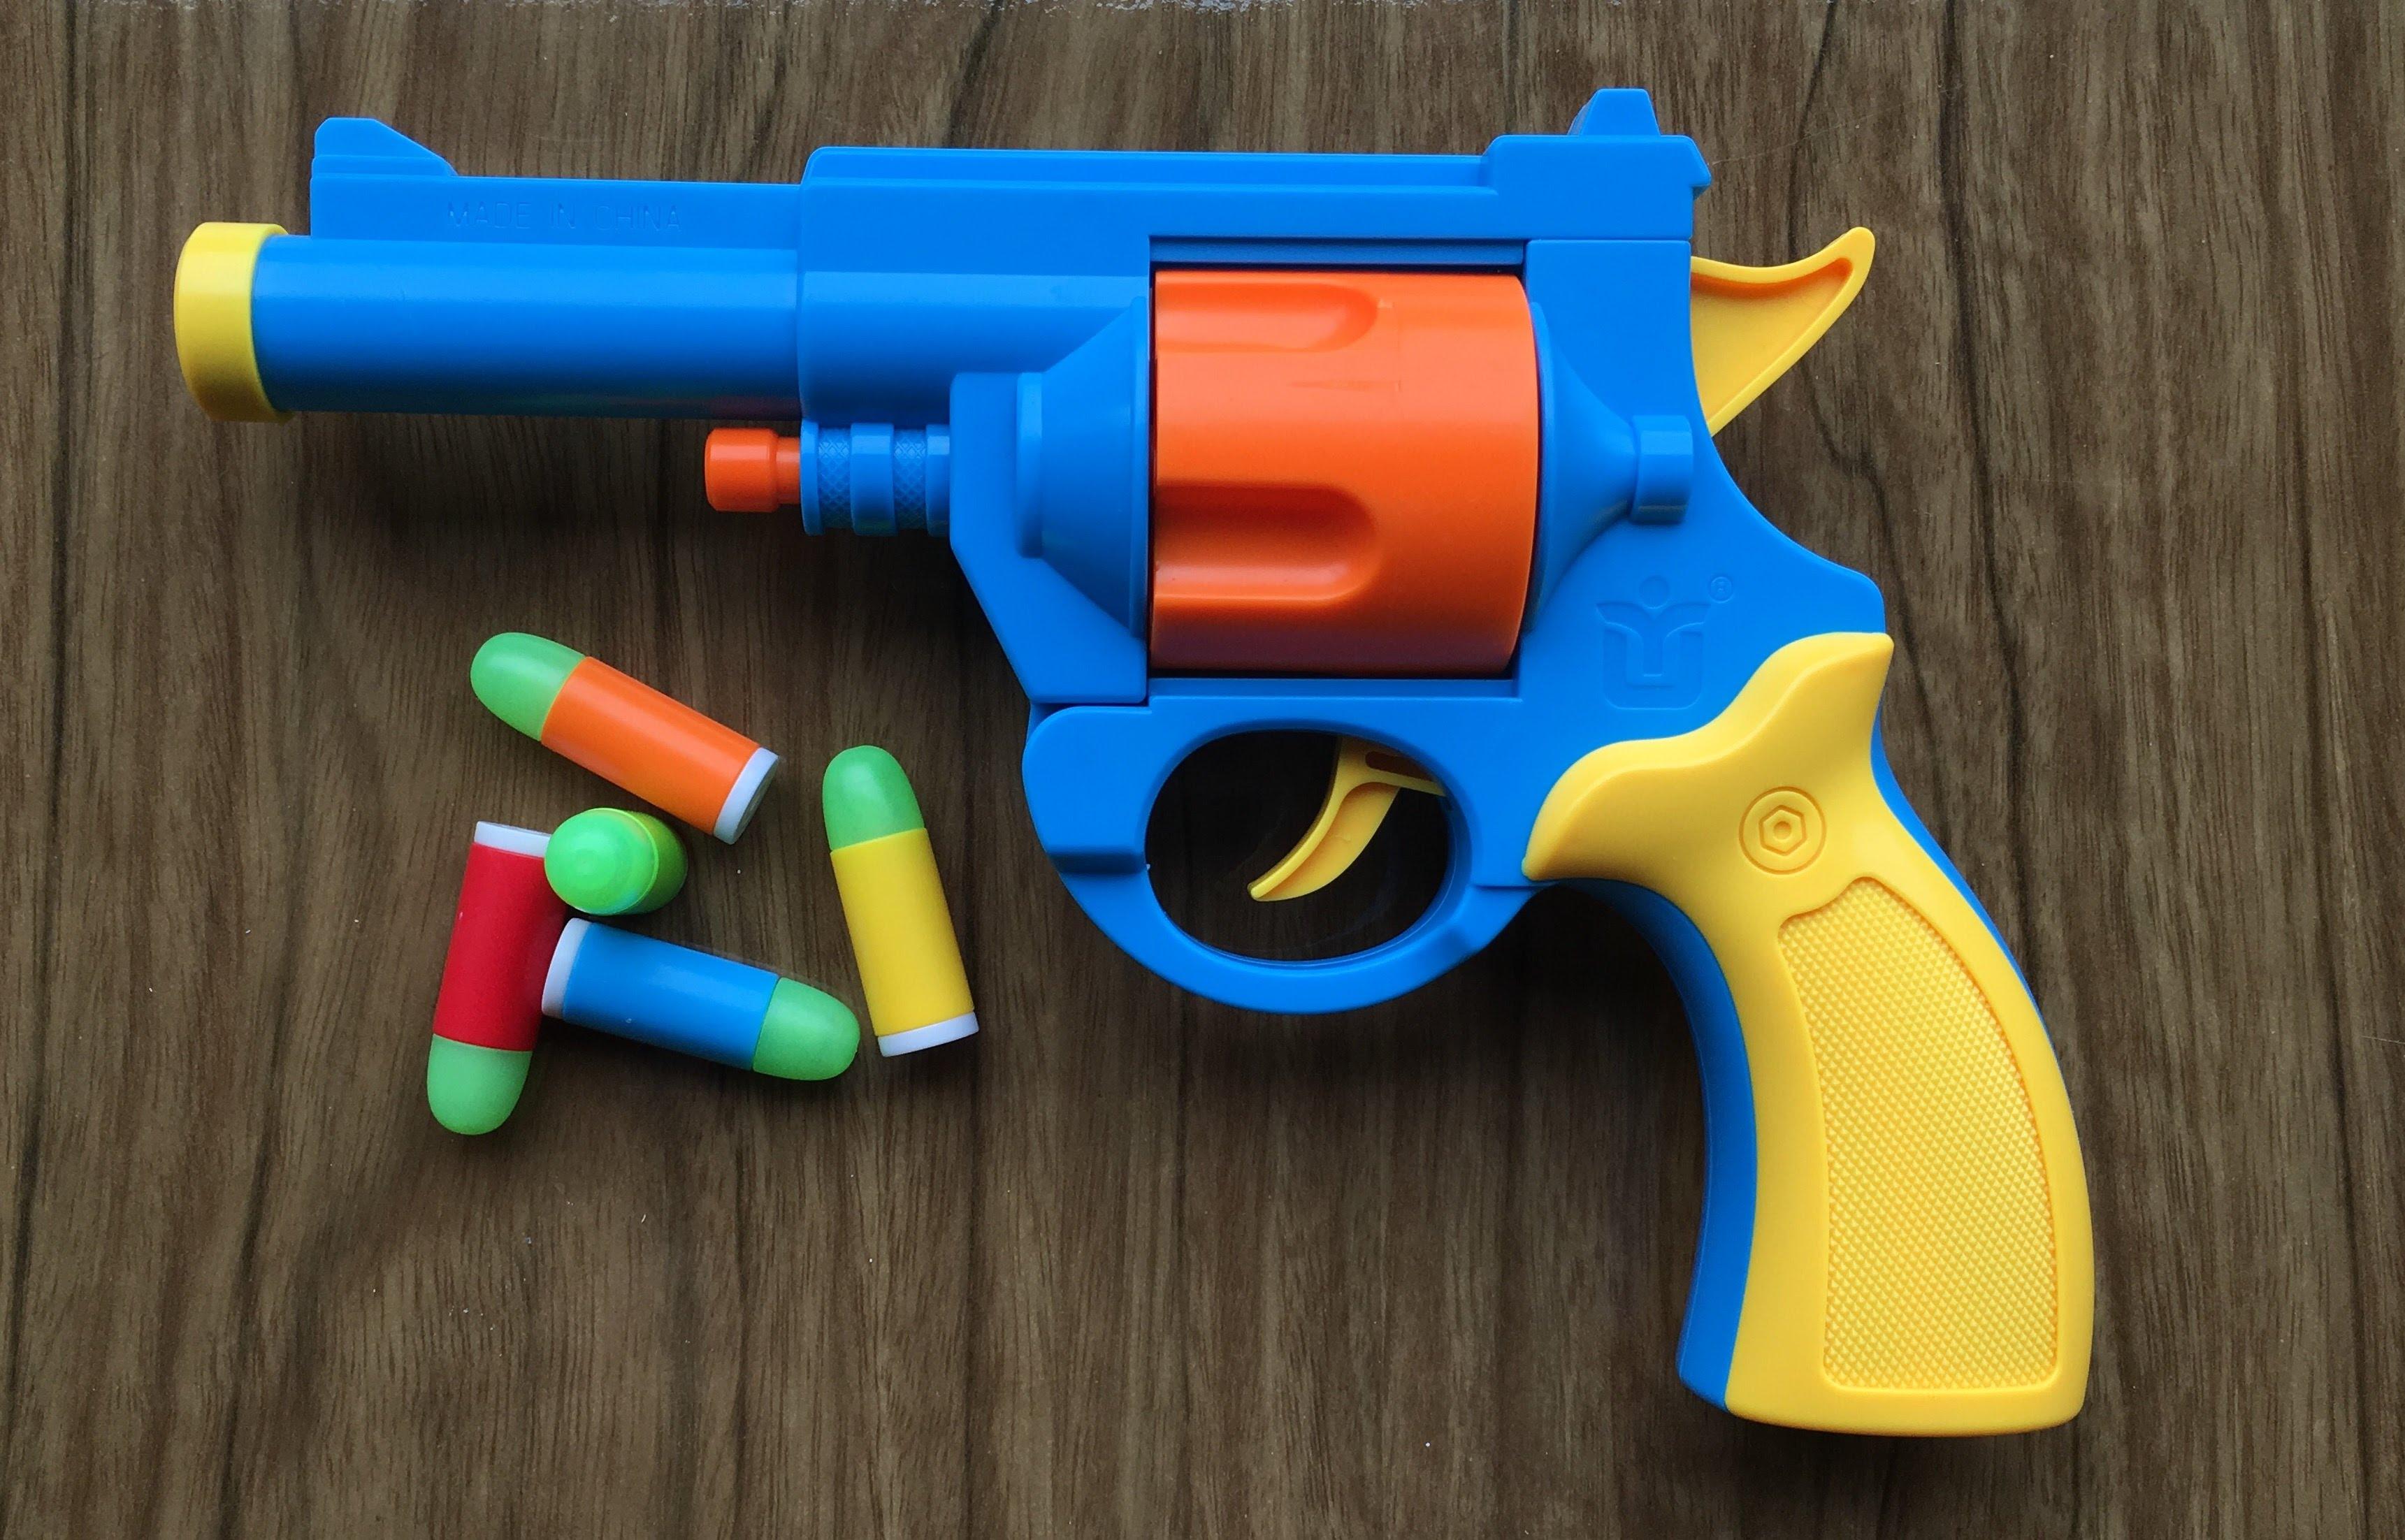 თბილისში კაცი საიუველირო მაღაზიებს სათამაშო იარაღით აყაჩაღებდა